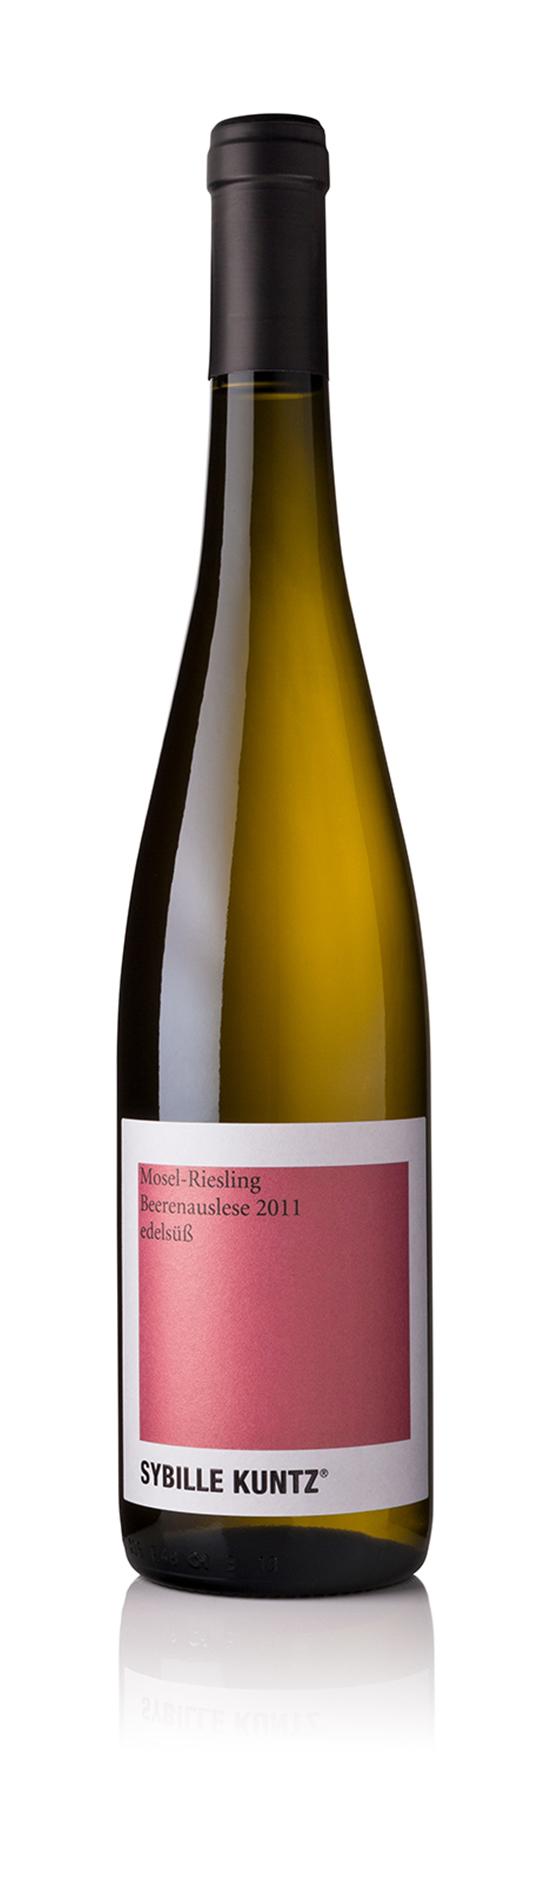 2011 SYBILLE KUNTZ Mosel-Riesling Beerenauslese edelsüß 0,75 l